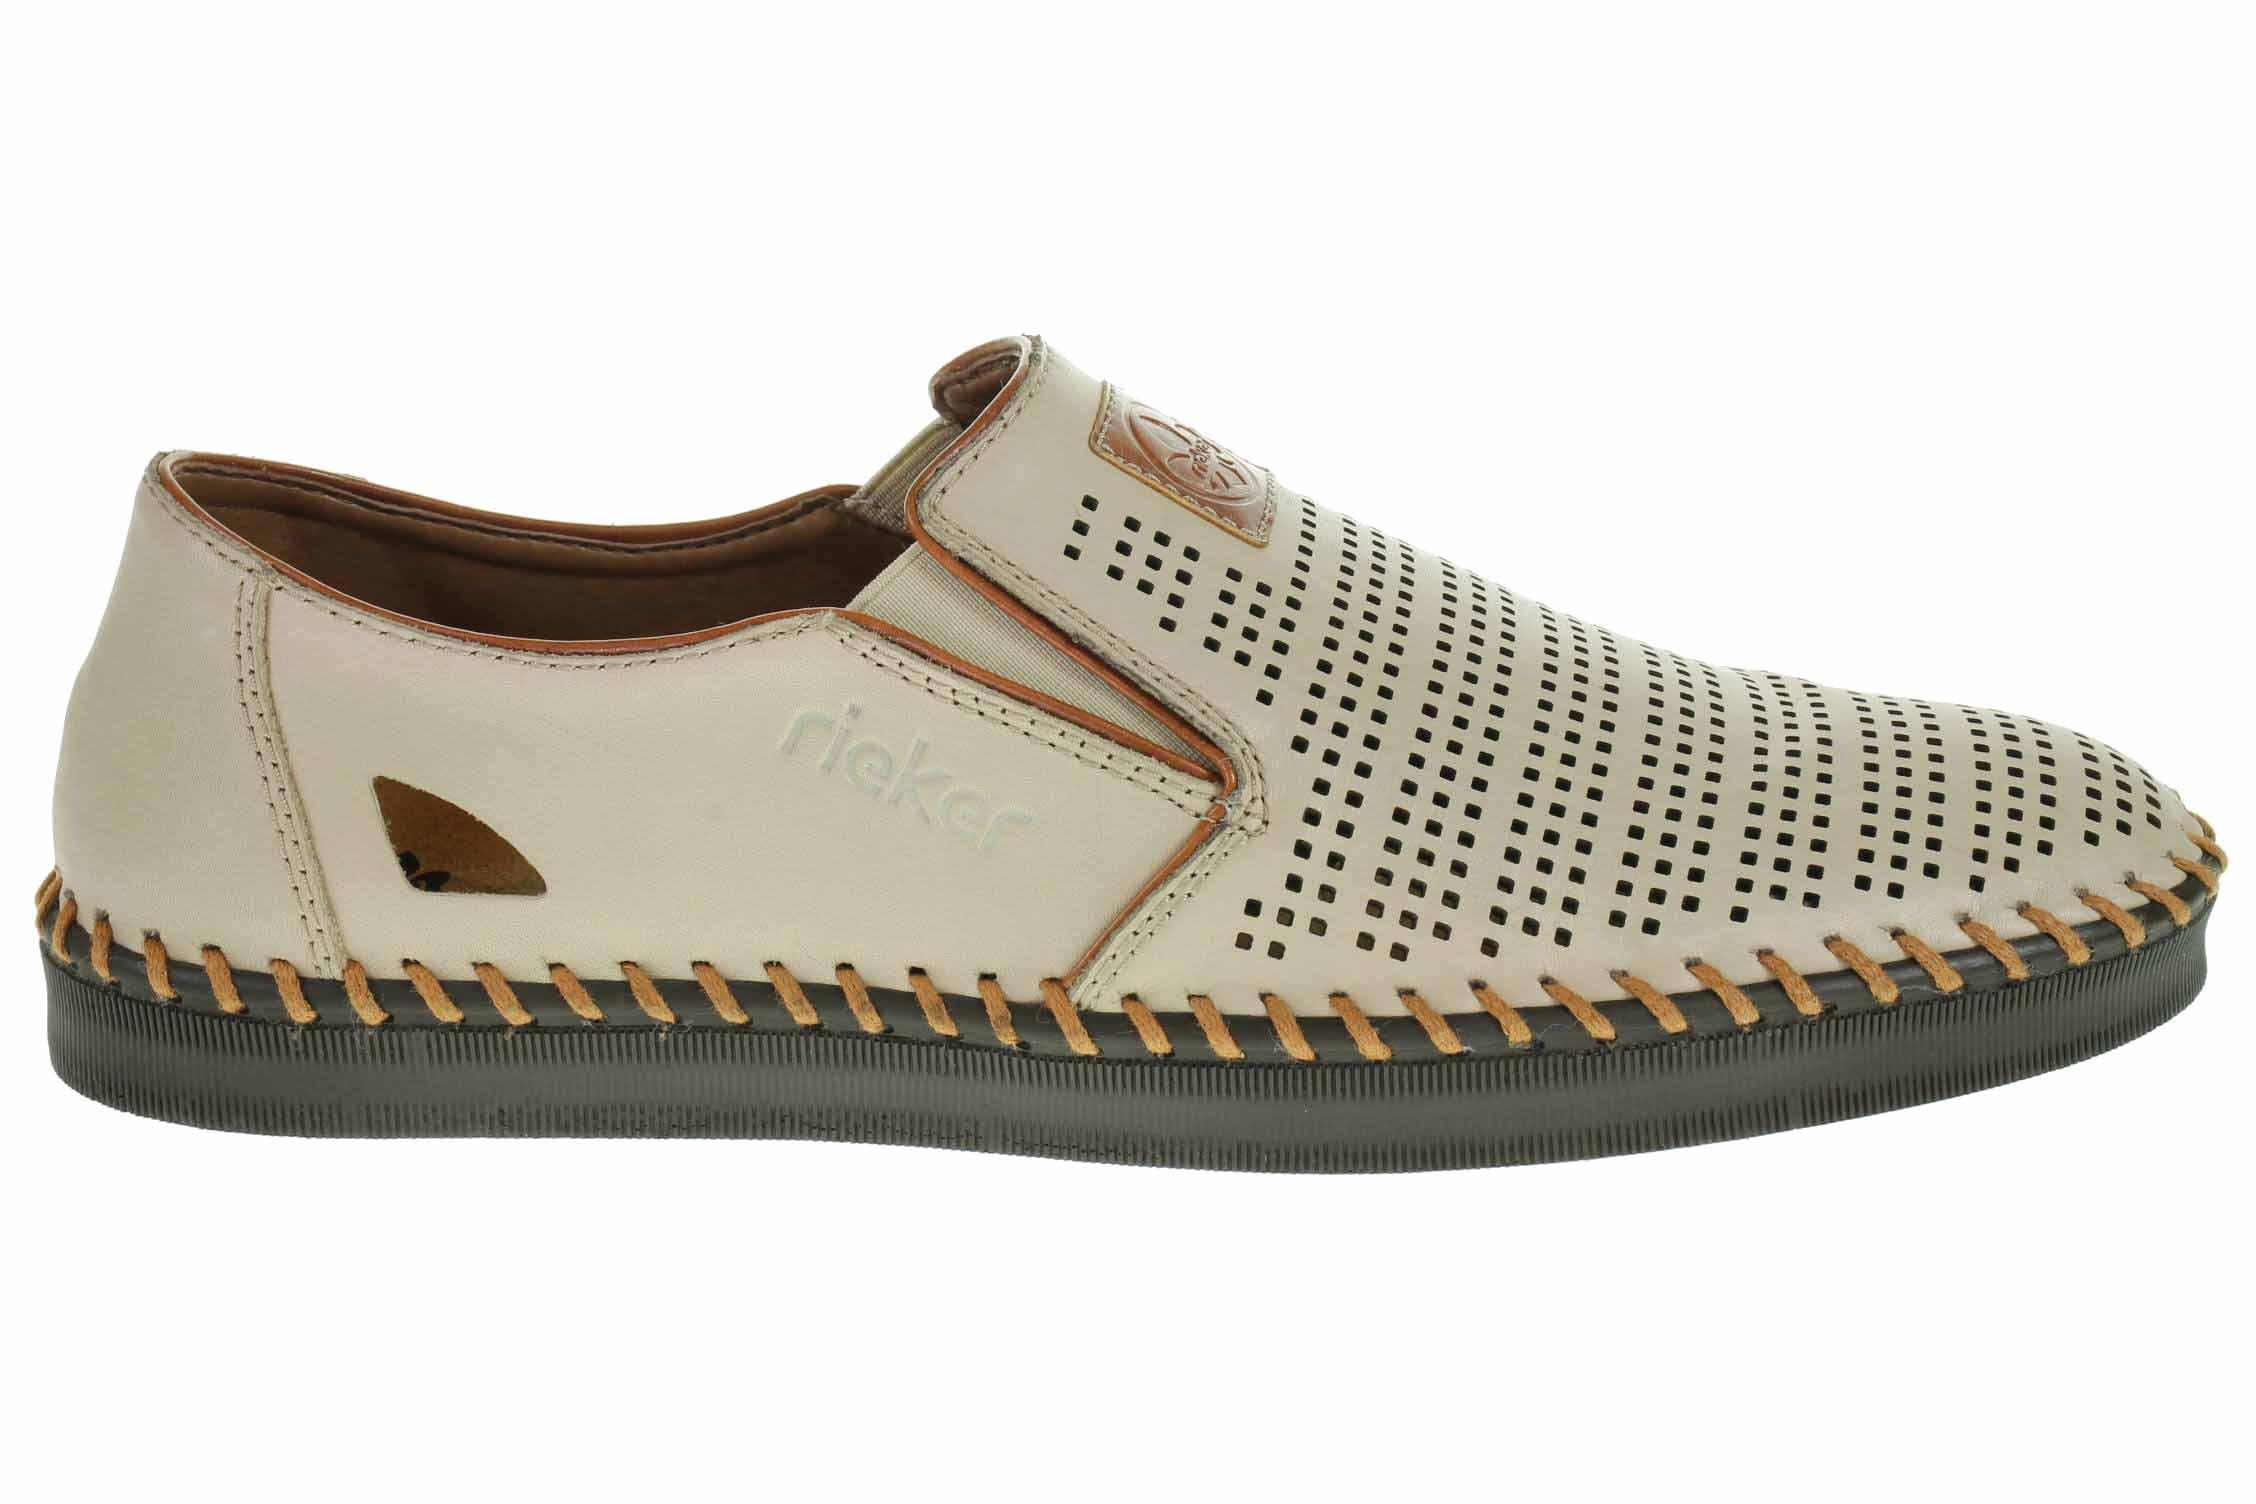 42c8f0d11 Pánské mokasiny | Boty-obuv.cz - kvalitní boty pro celou rodinu